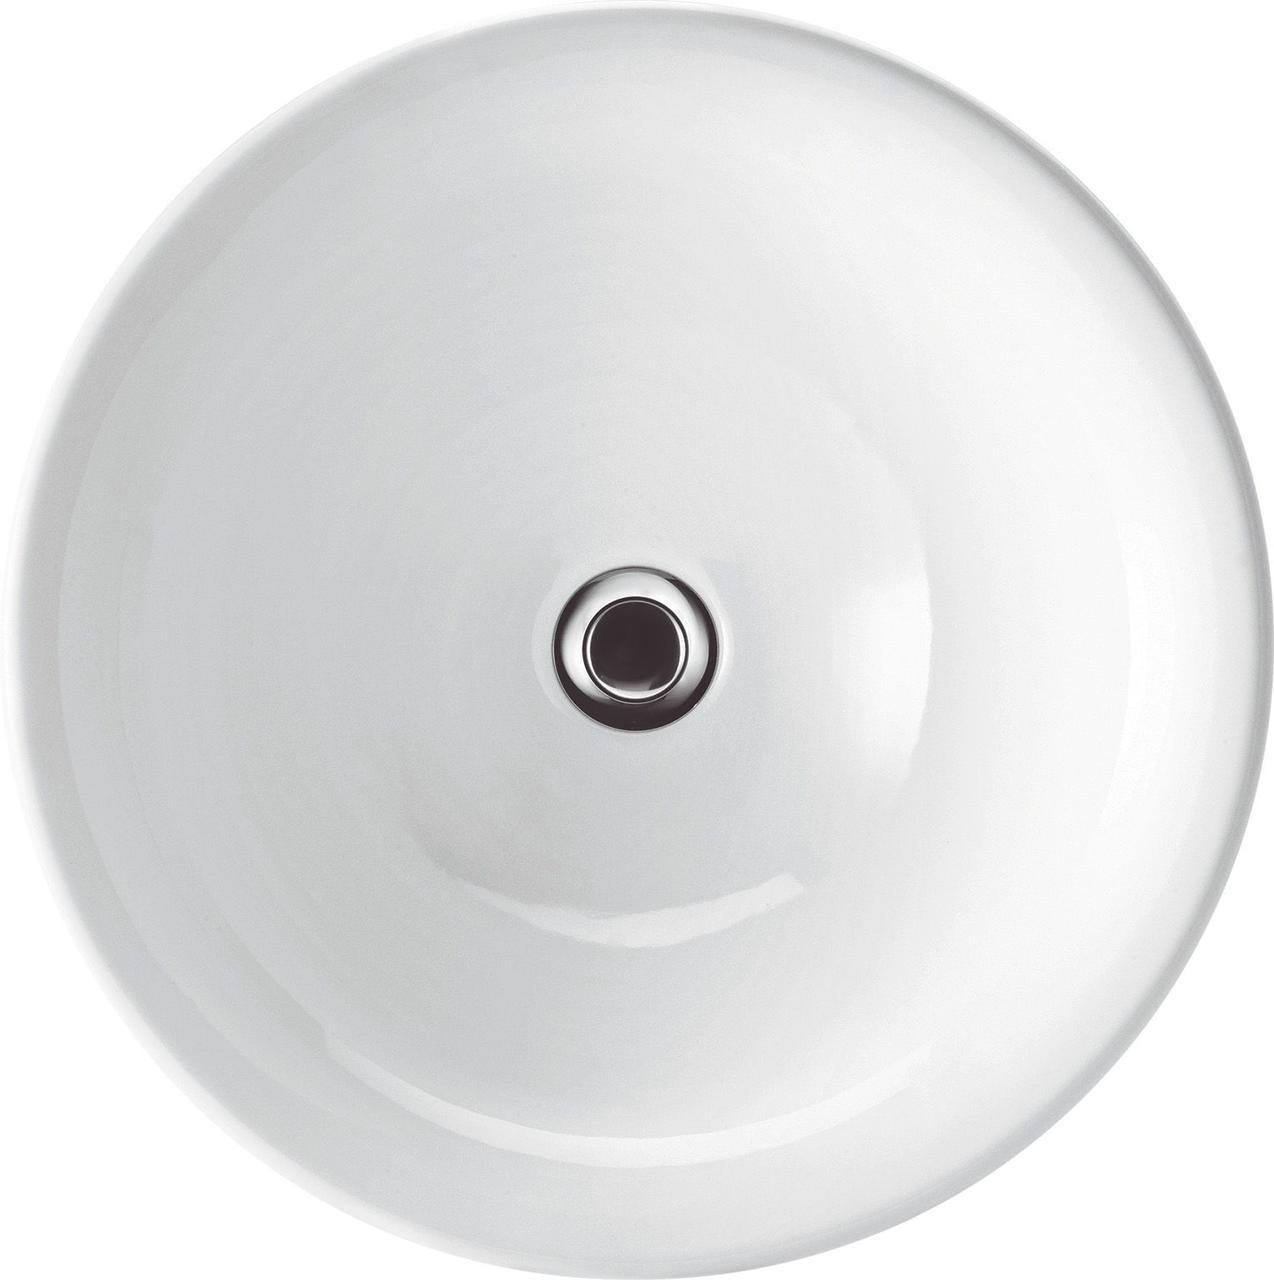 Умывальник мебельный Cersanit INTEO 47 круглый